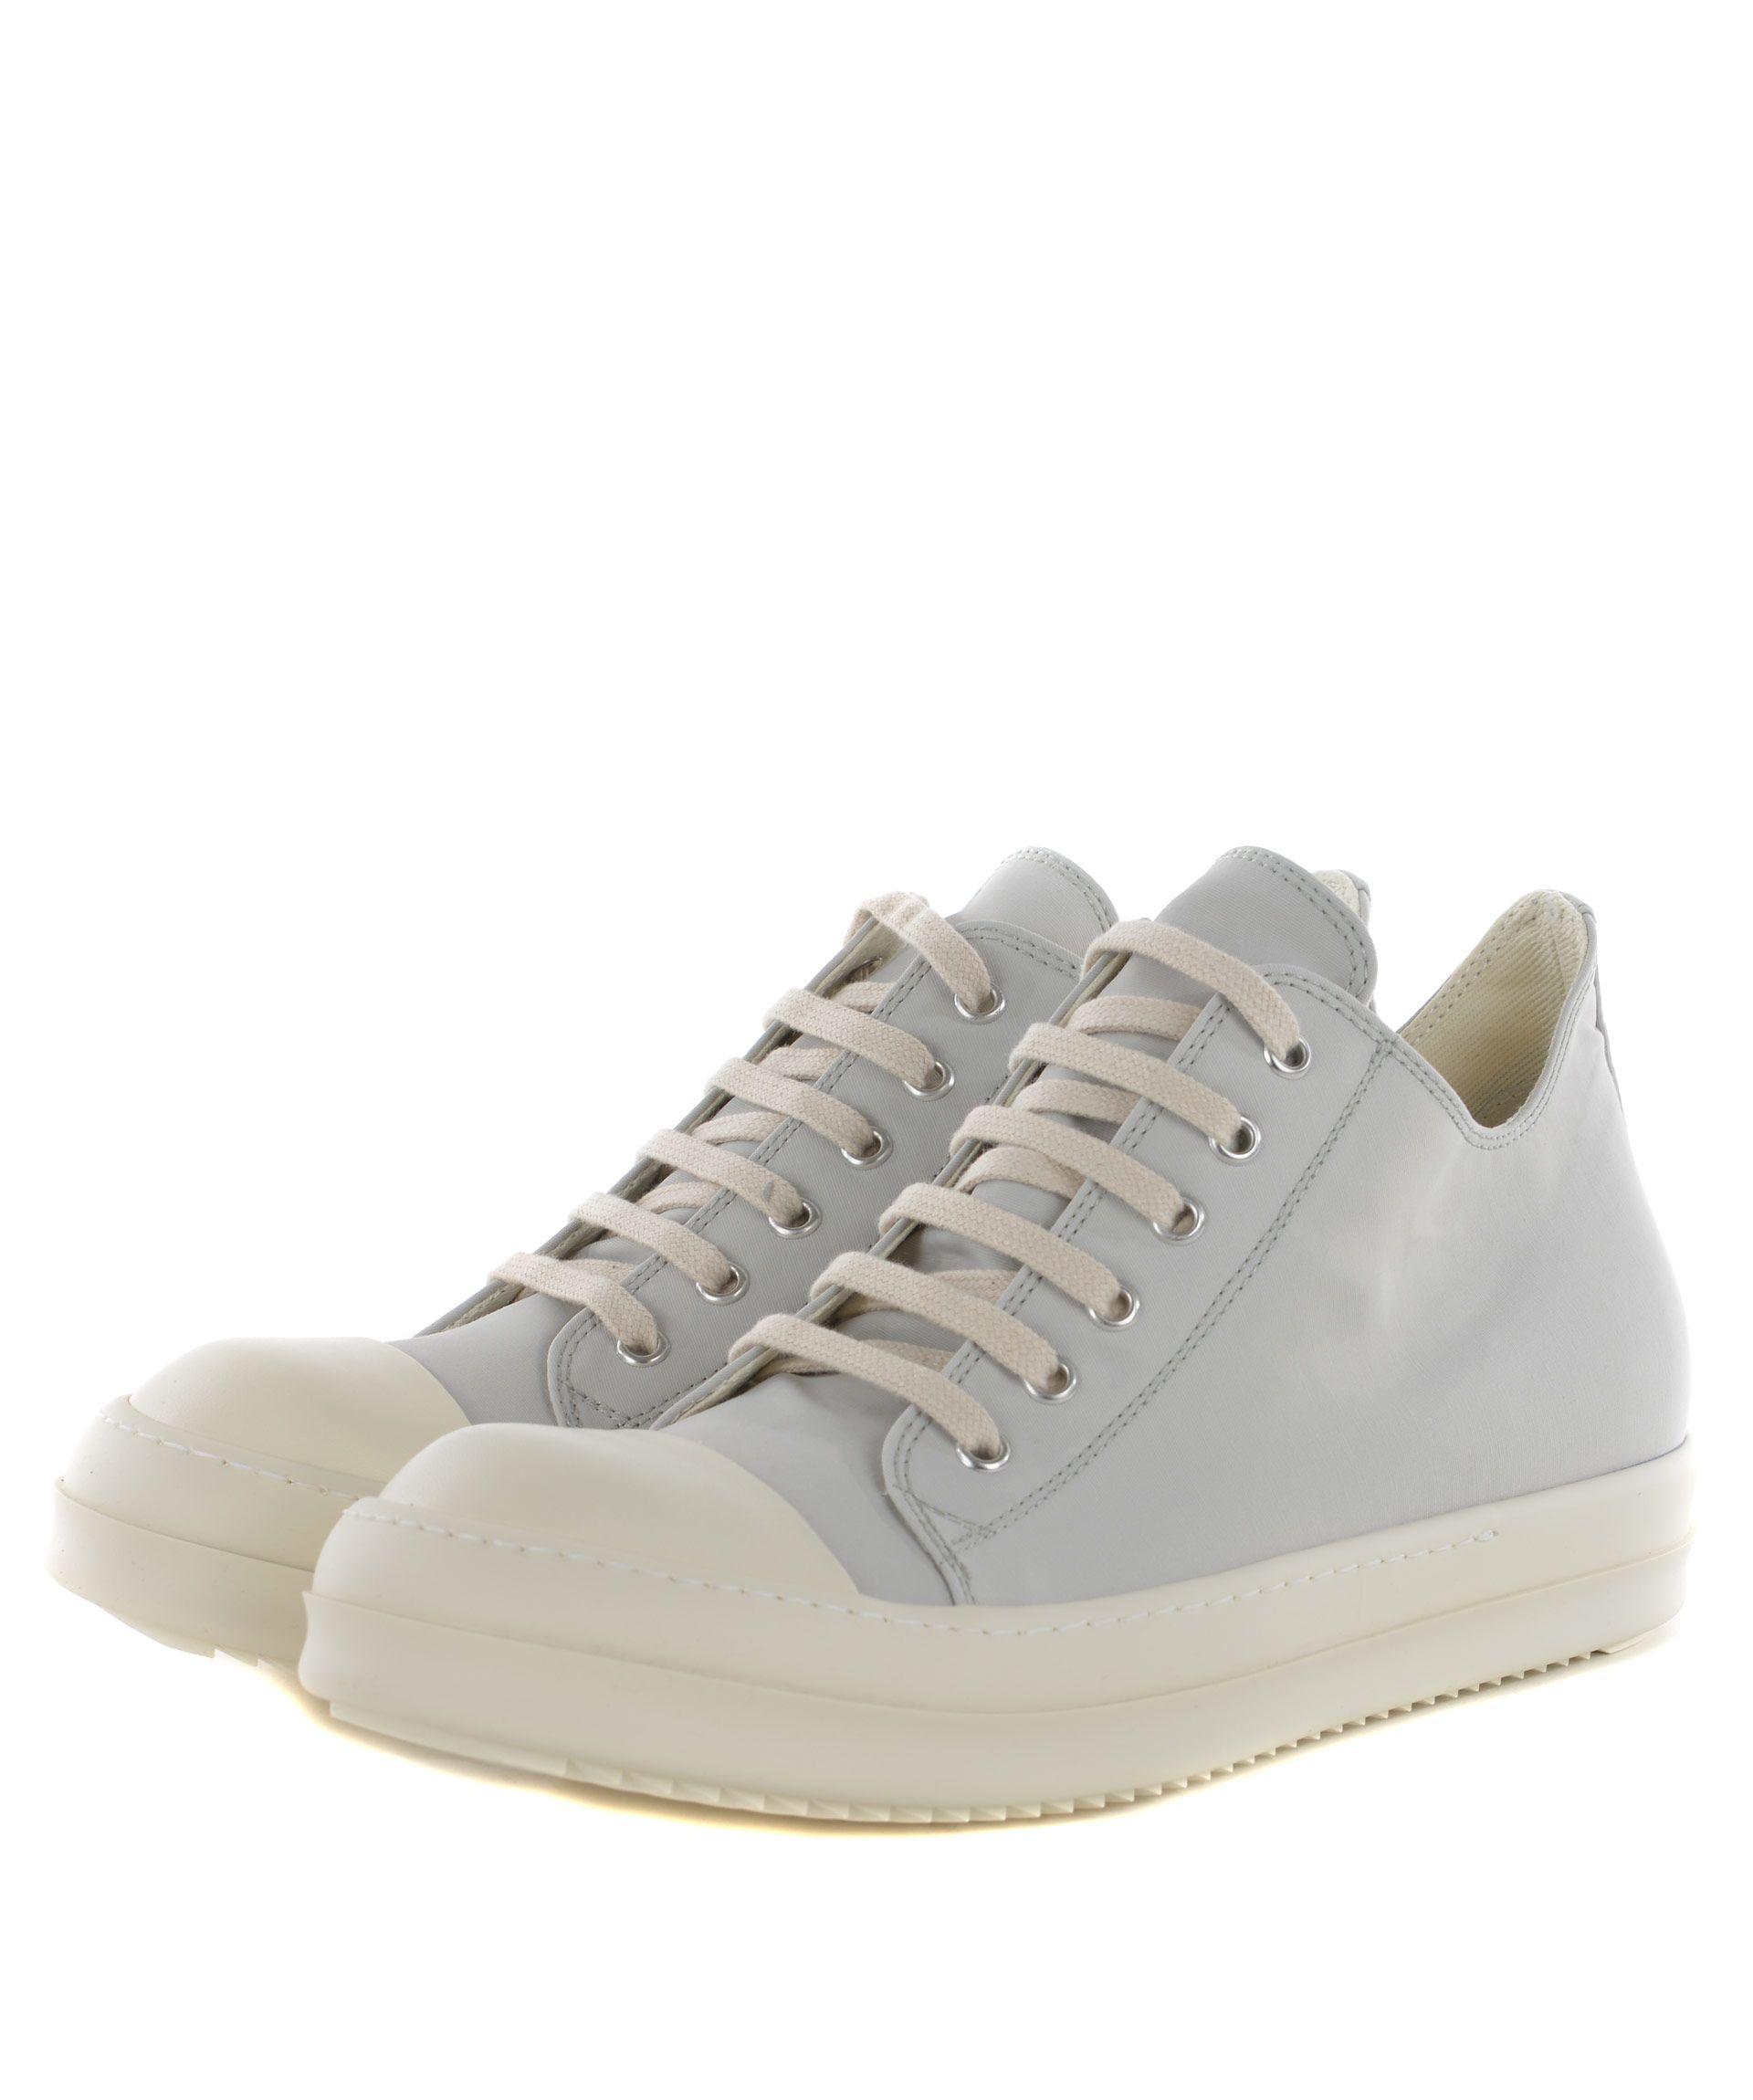 Drkshdw Toe Cap Sneakers